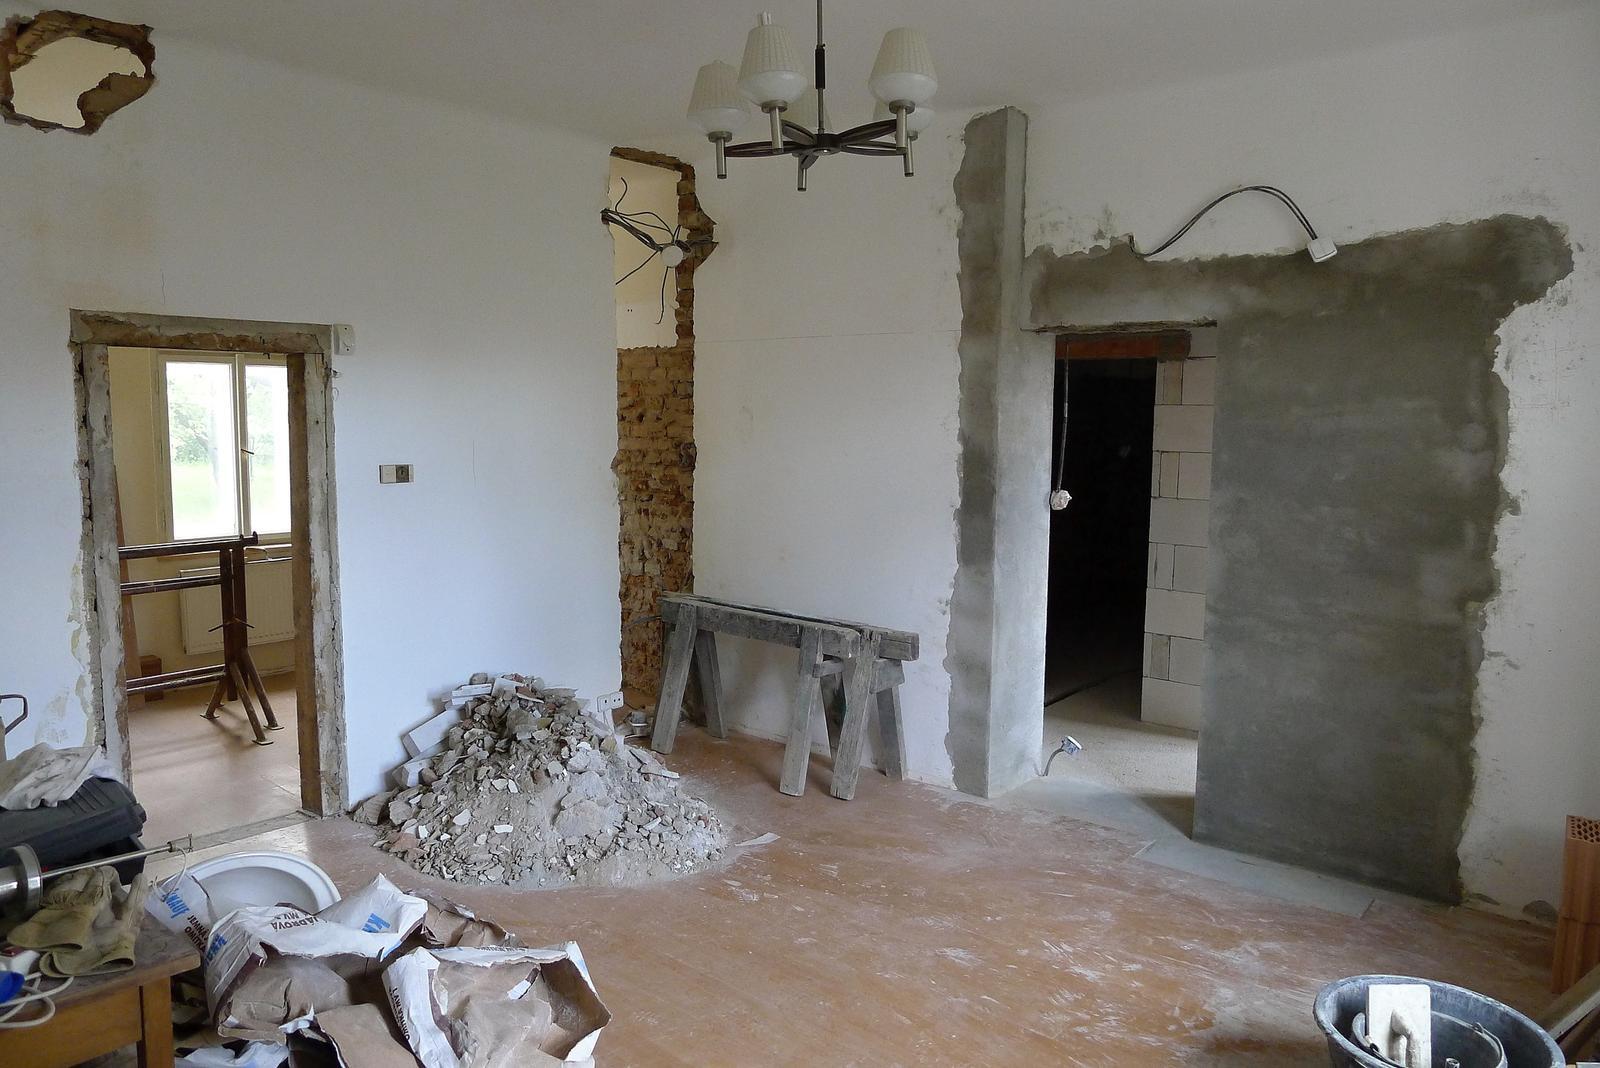 Rekonstrukce našeho domečku - Obrázek č. 23